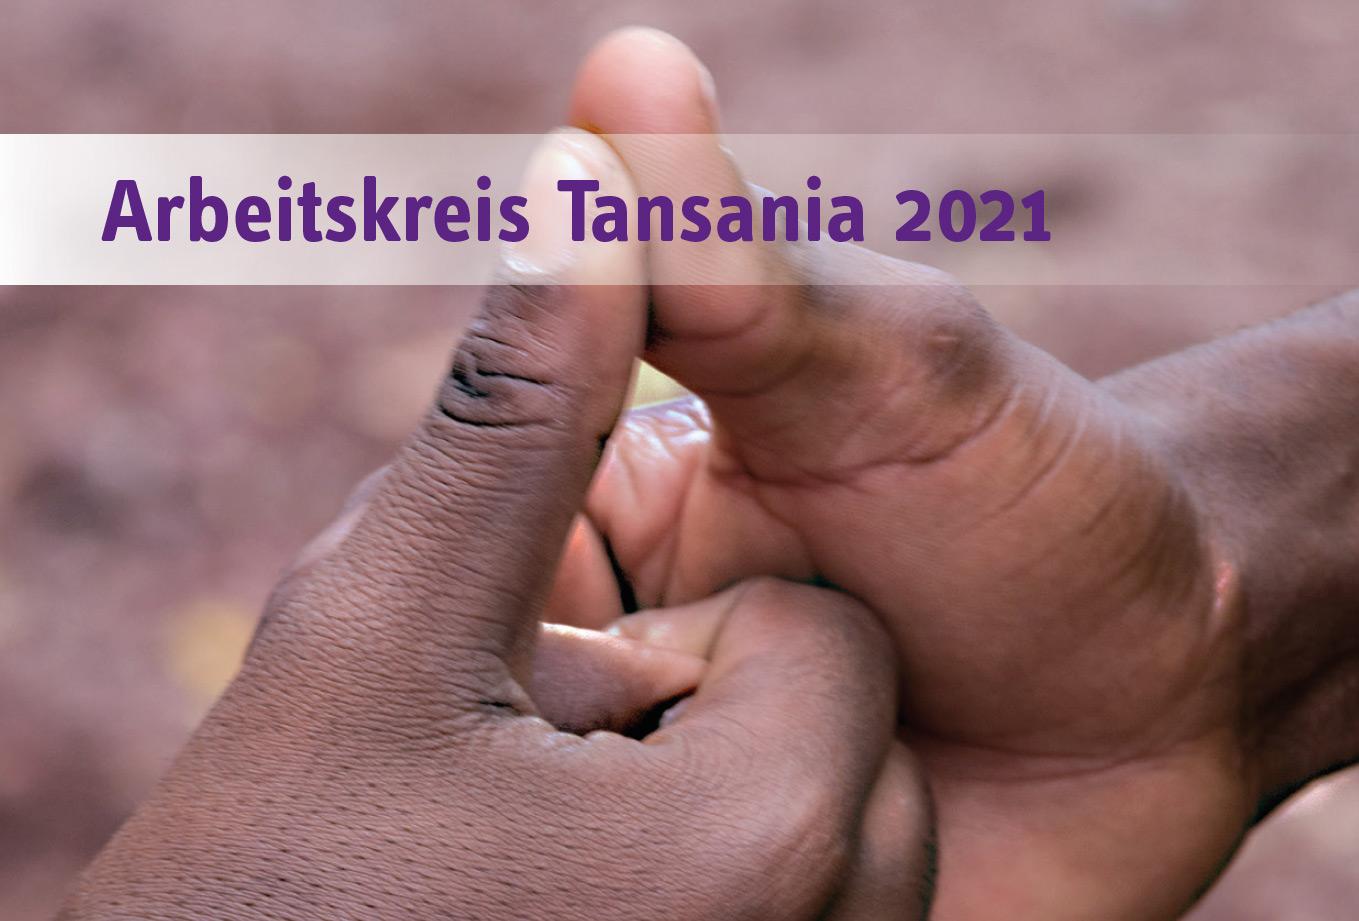 Arbeitskreis Tansania 2021